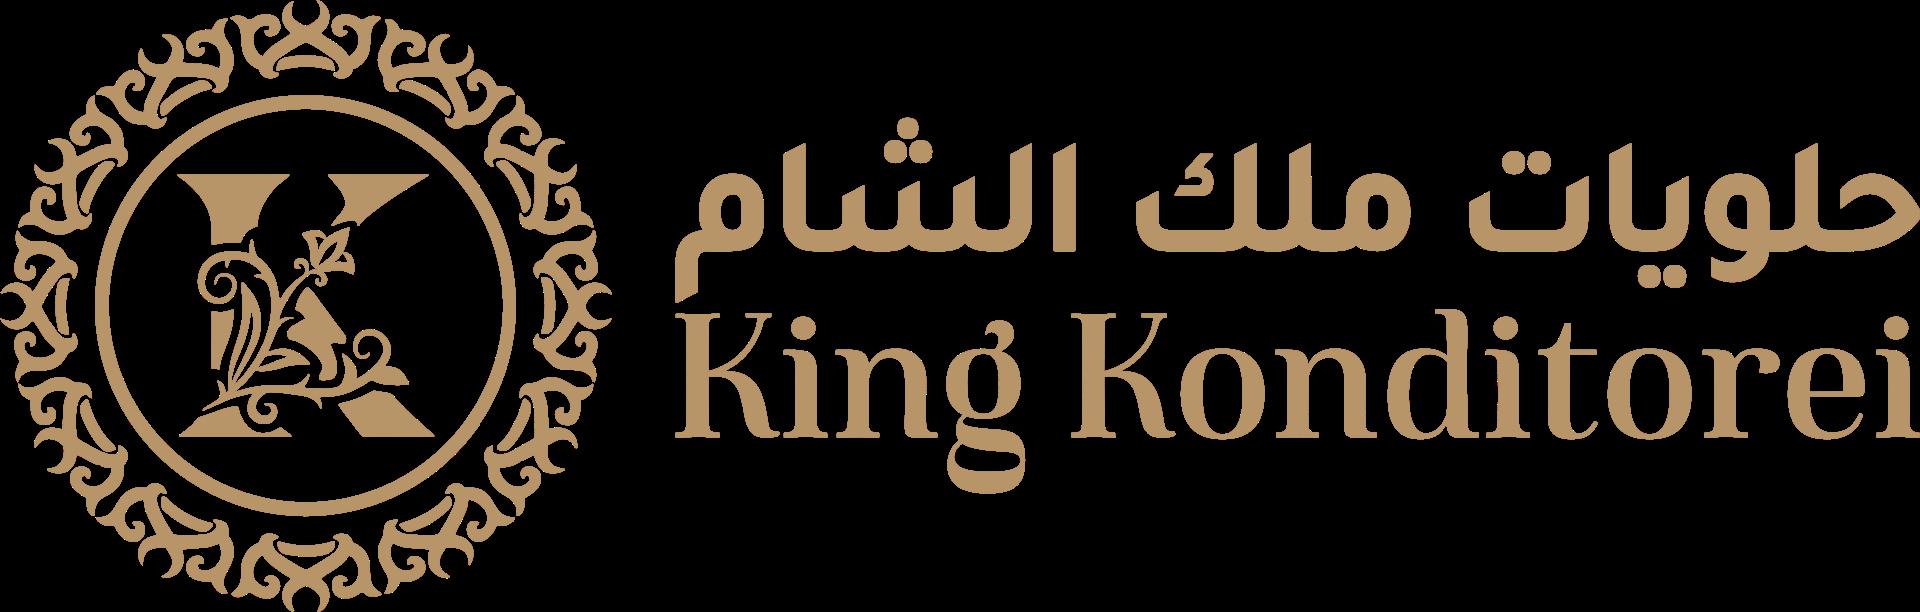 King Konditorei